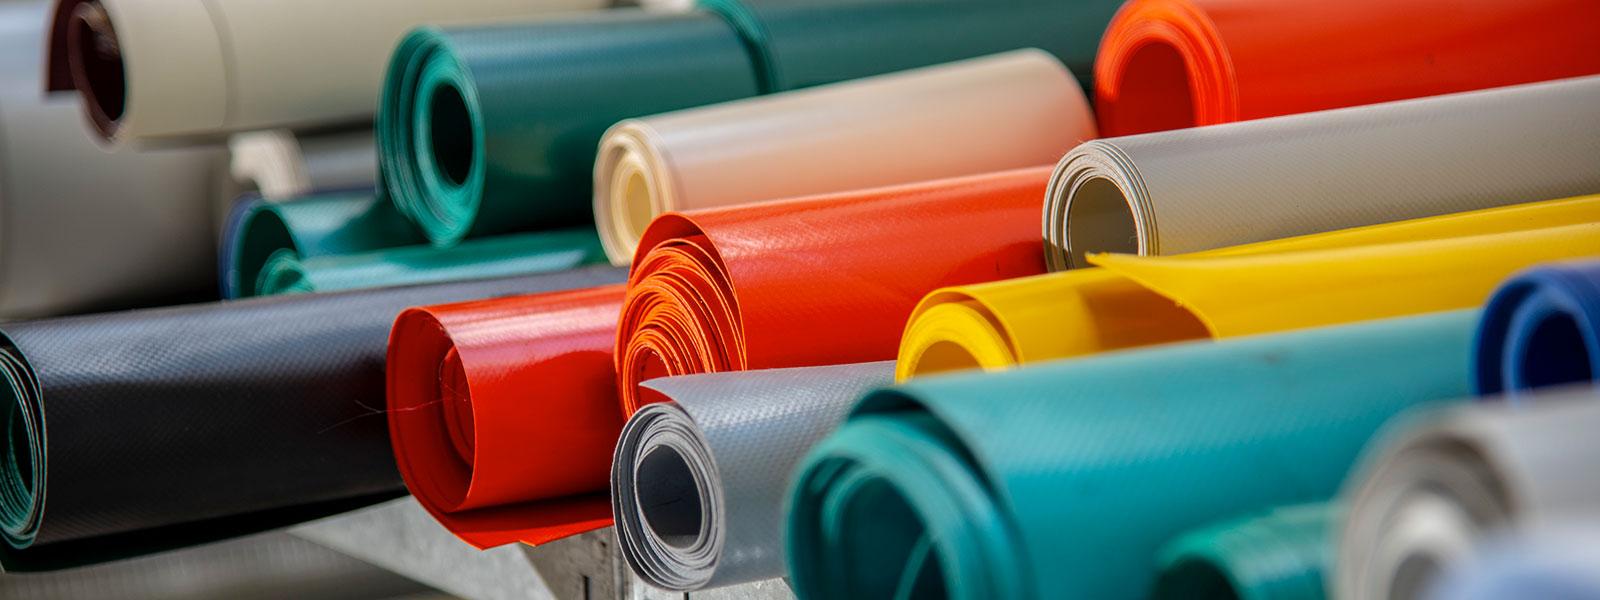 Venturello - Lavorazioni PVC Poirino (T0) - Il gruppo di lavoro